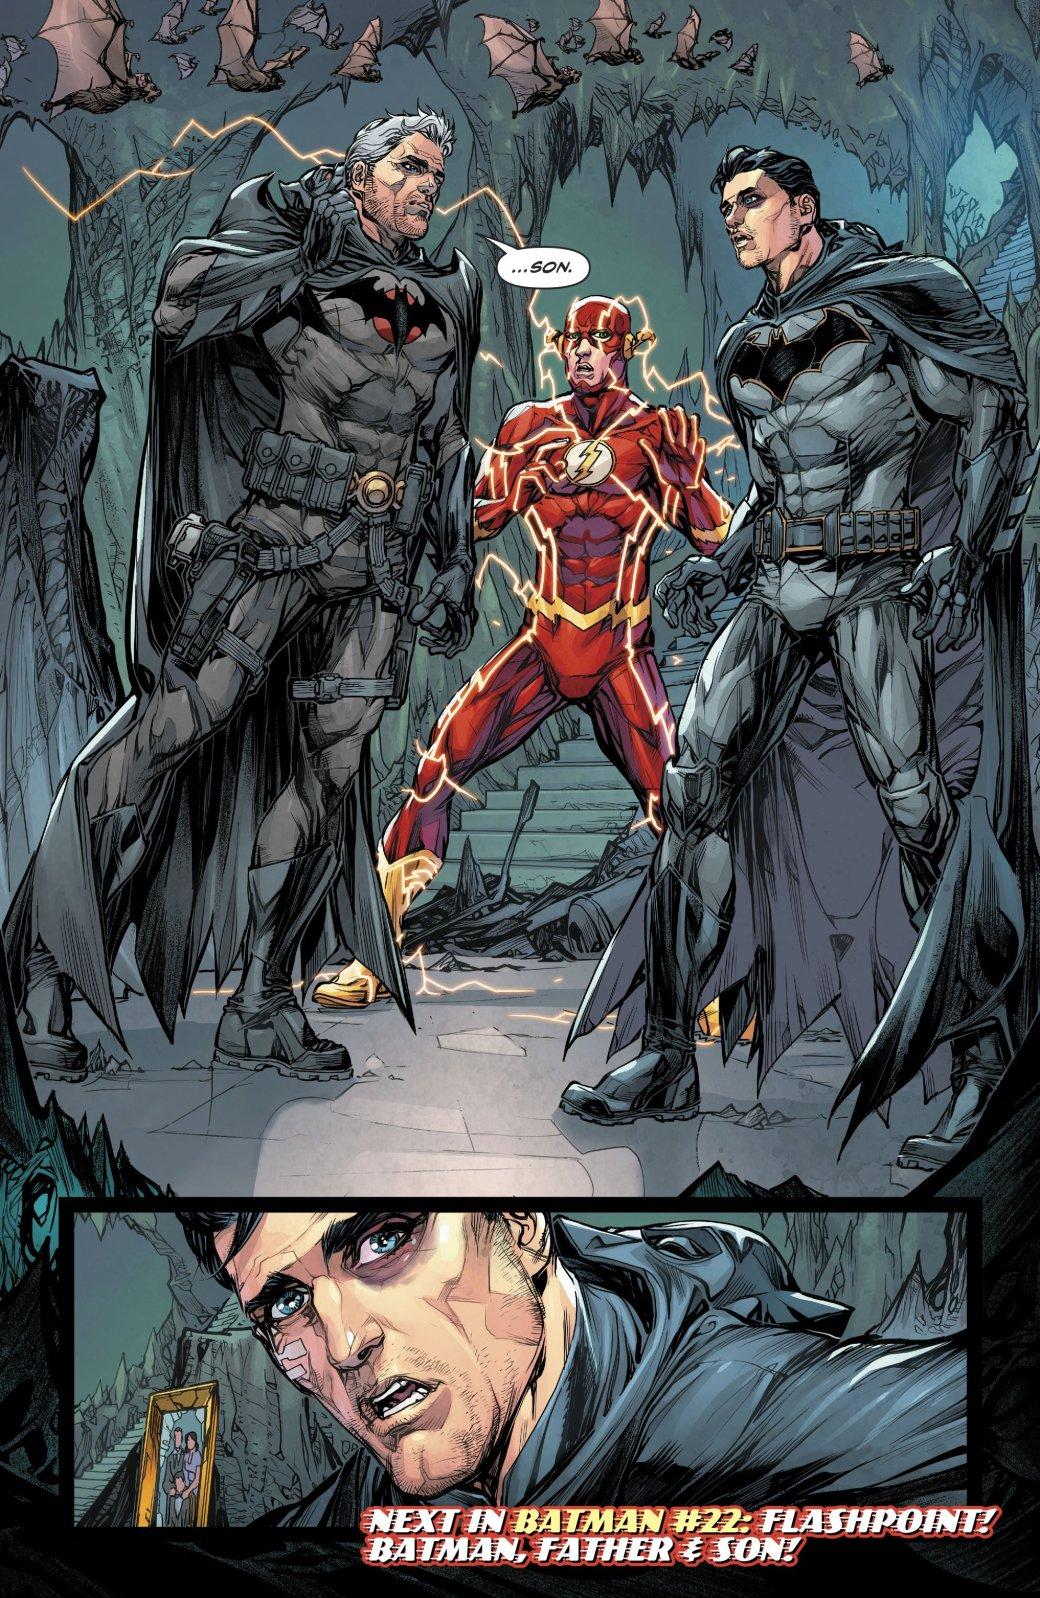 Бэтмен встретил отца из параллельной вселенной, и он тоже Бэтмен